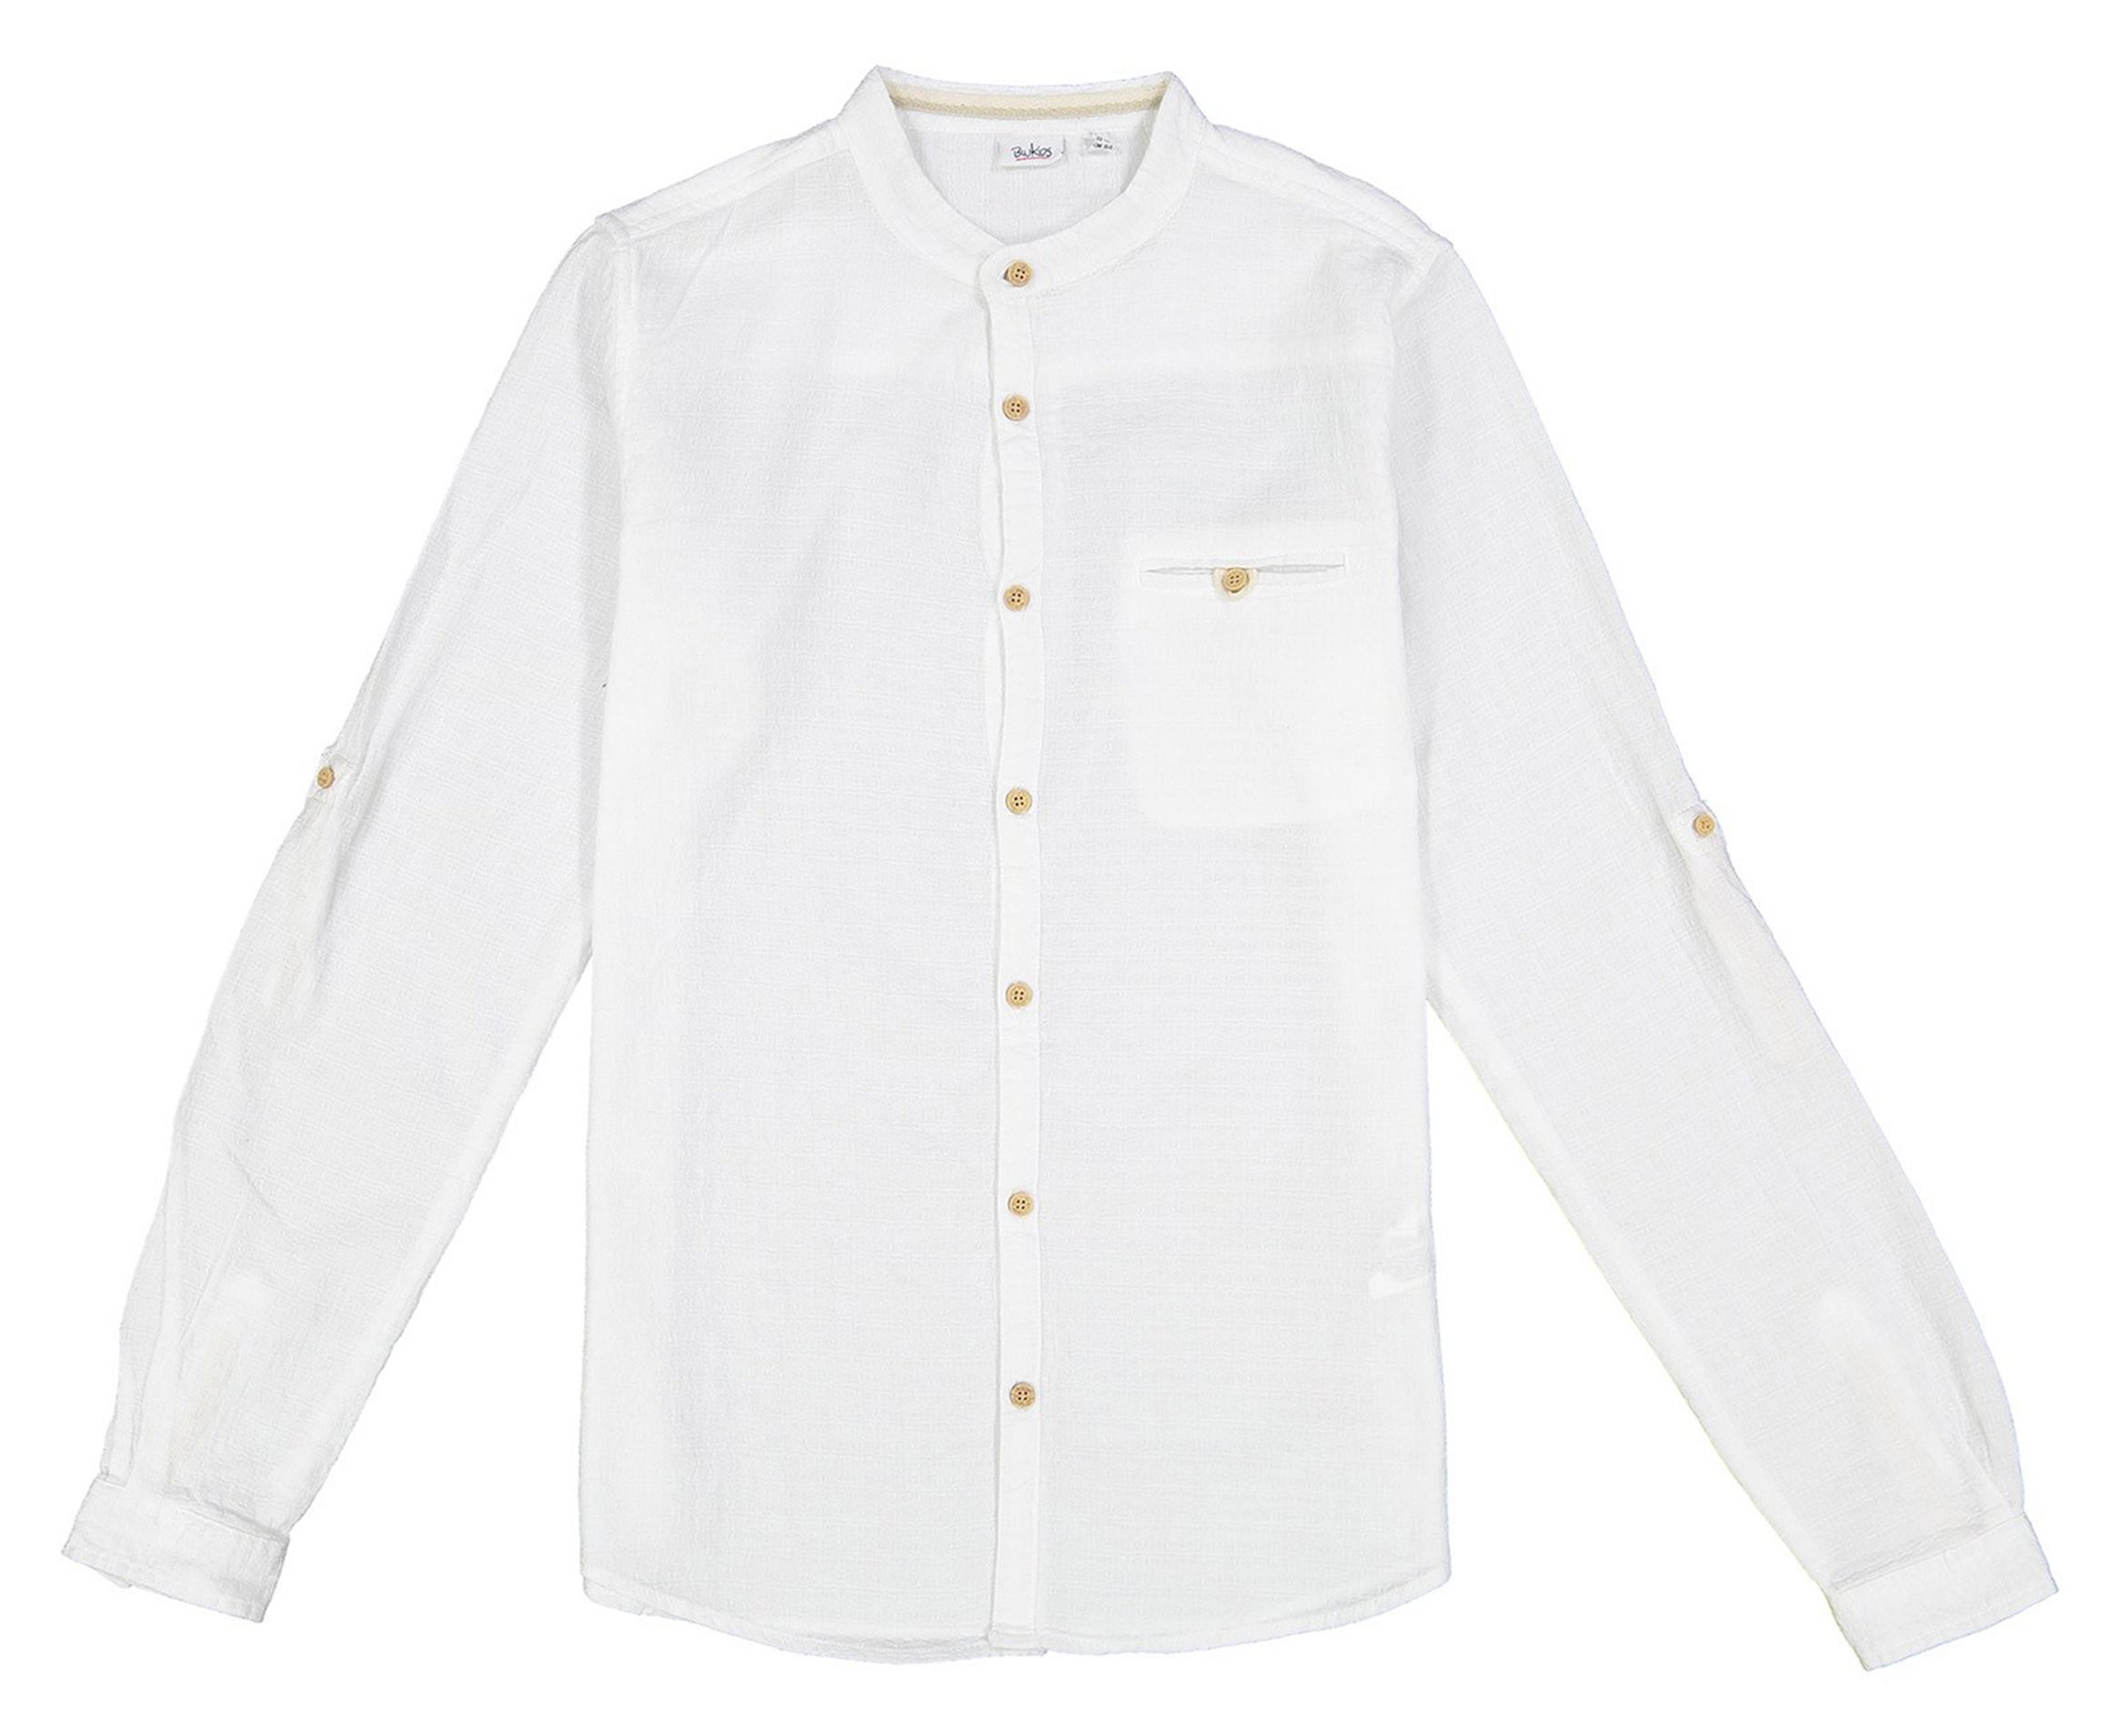 پیراهن نخی آستین بلند پسرانه - بلوکیدز